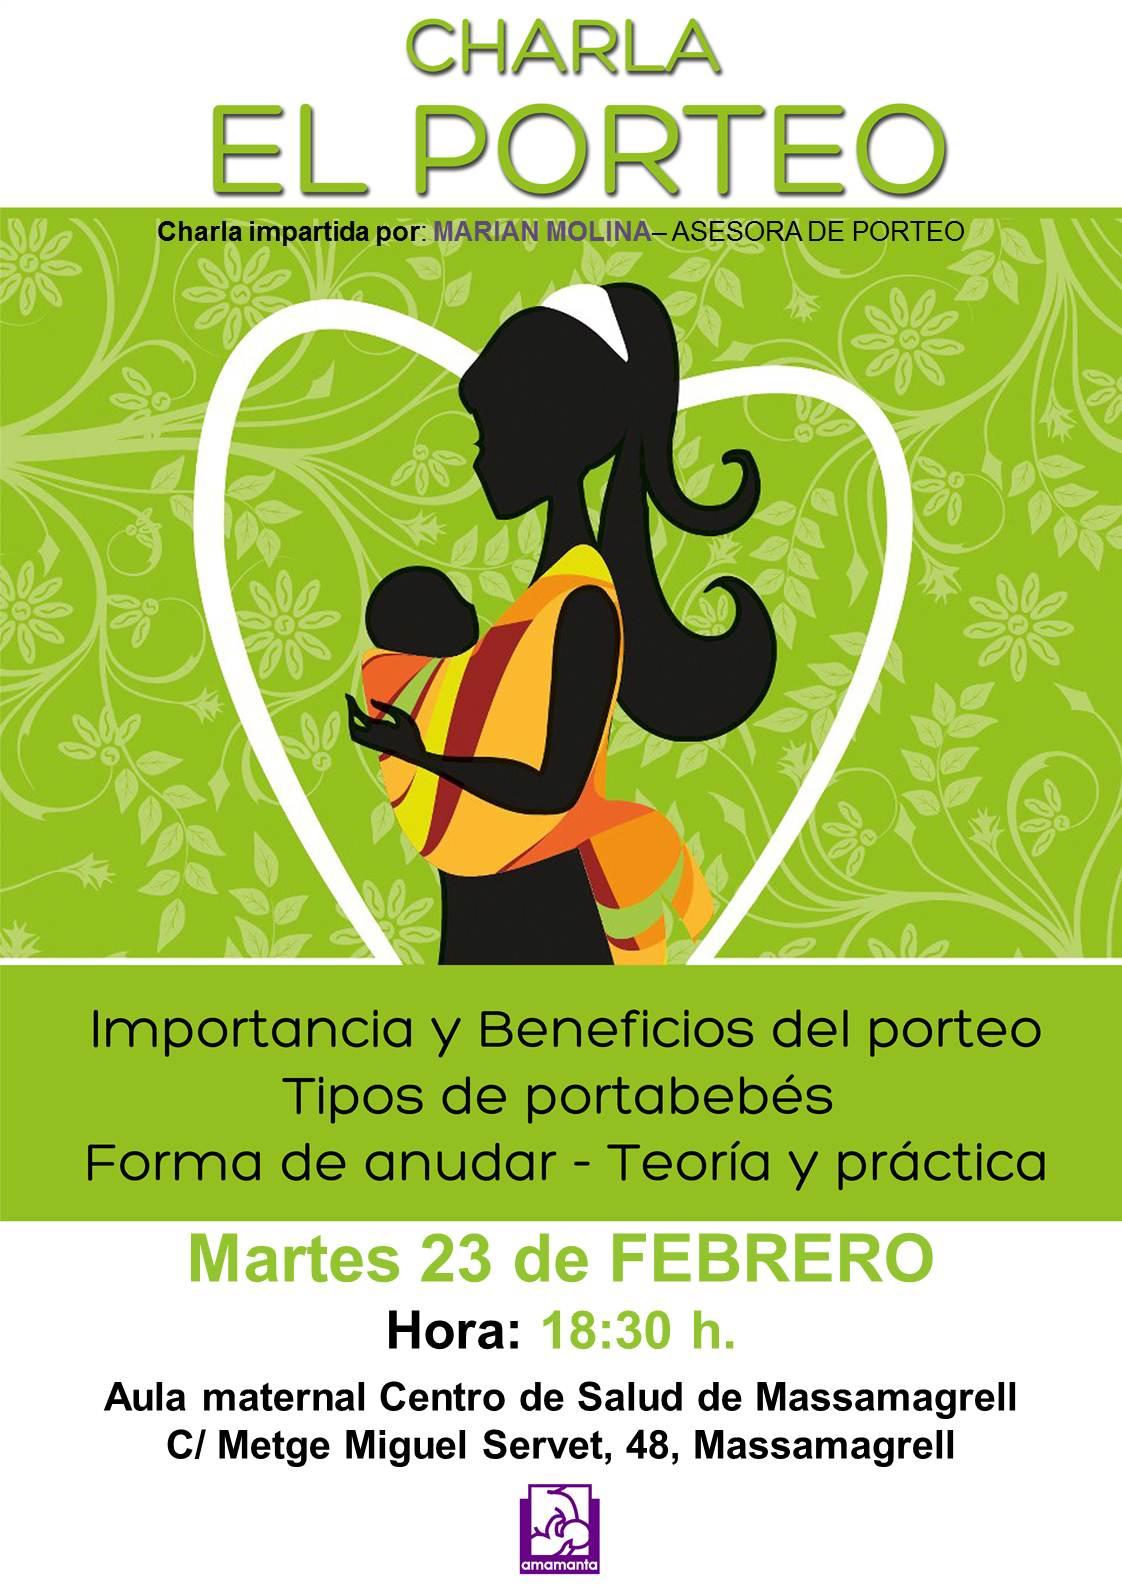 CHARLA PORTEO Massamagrell Marian Molina